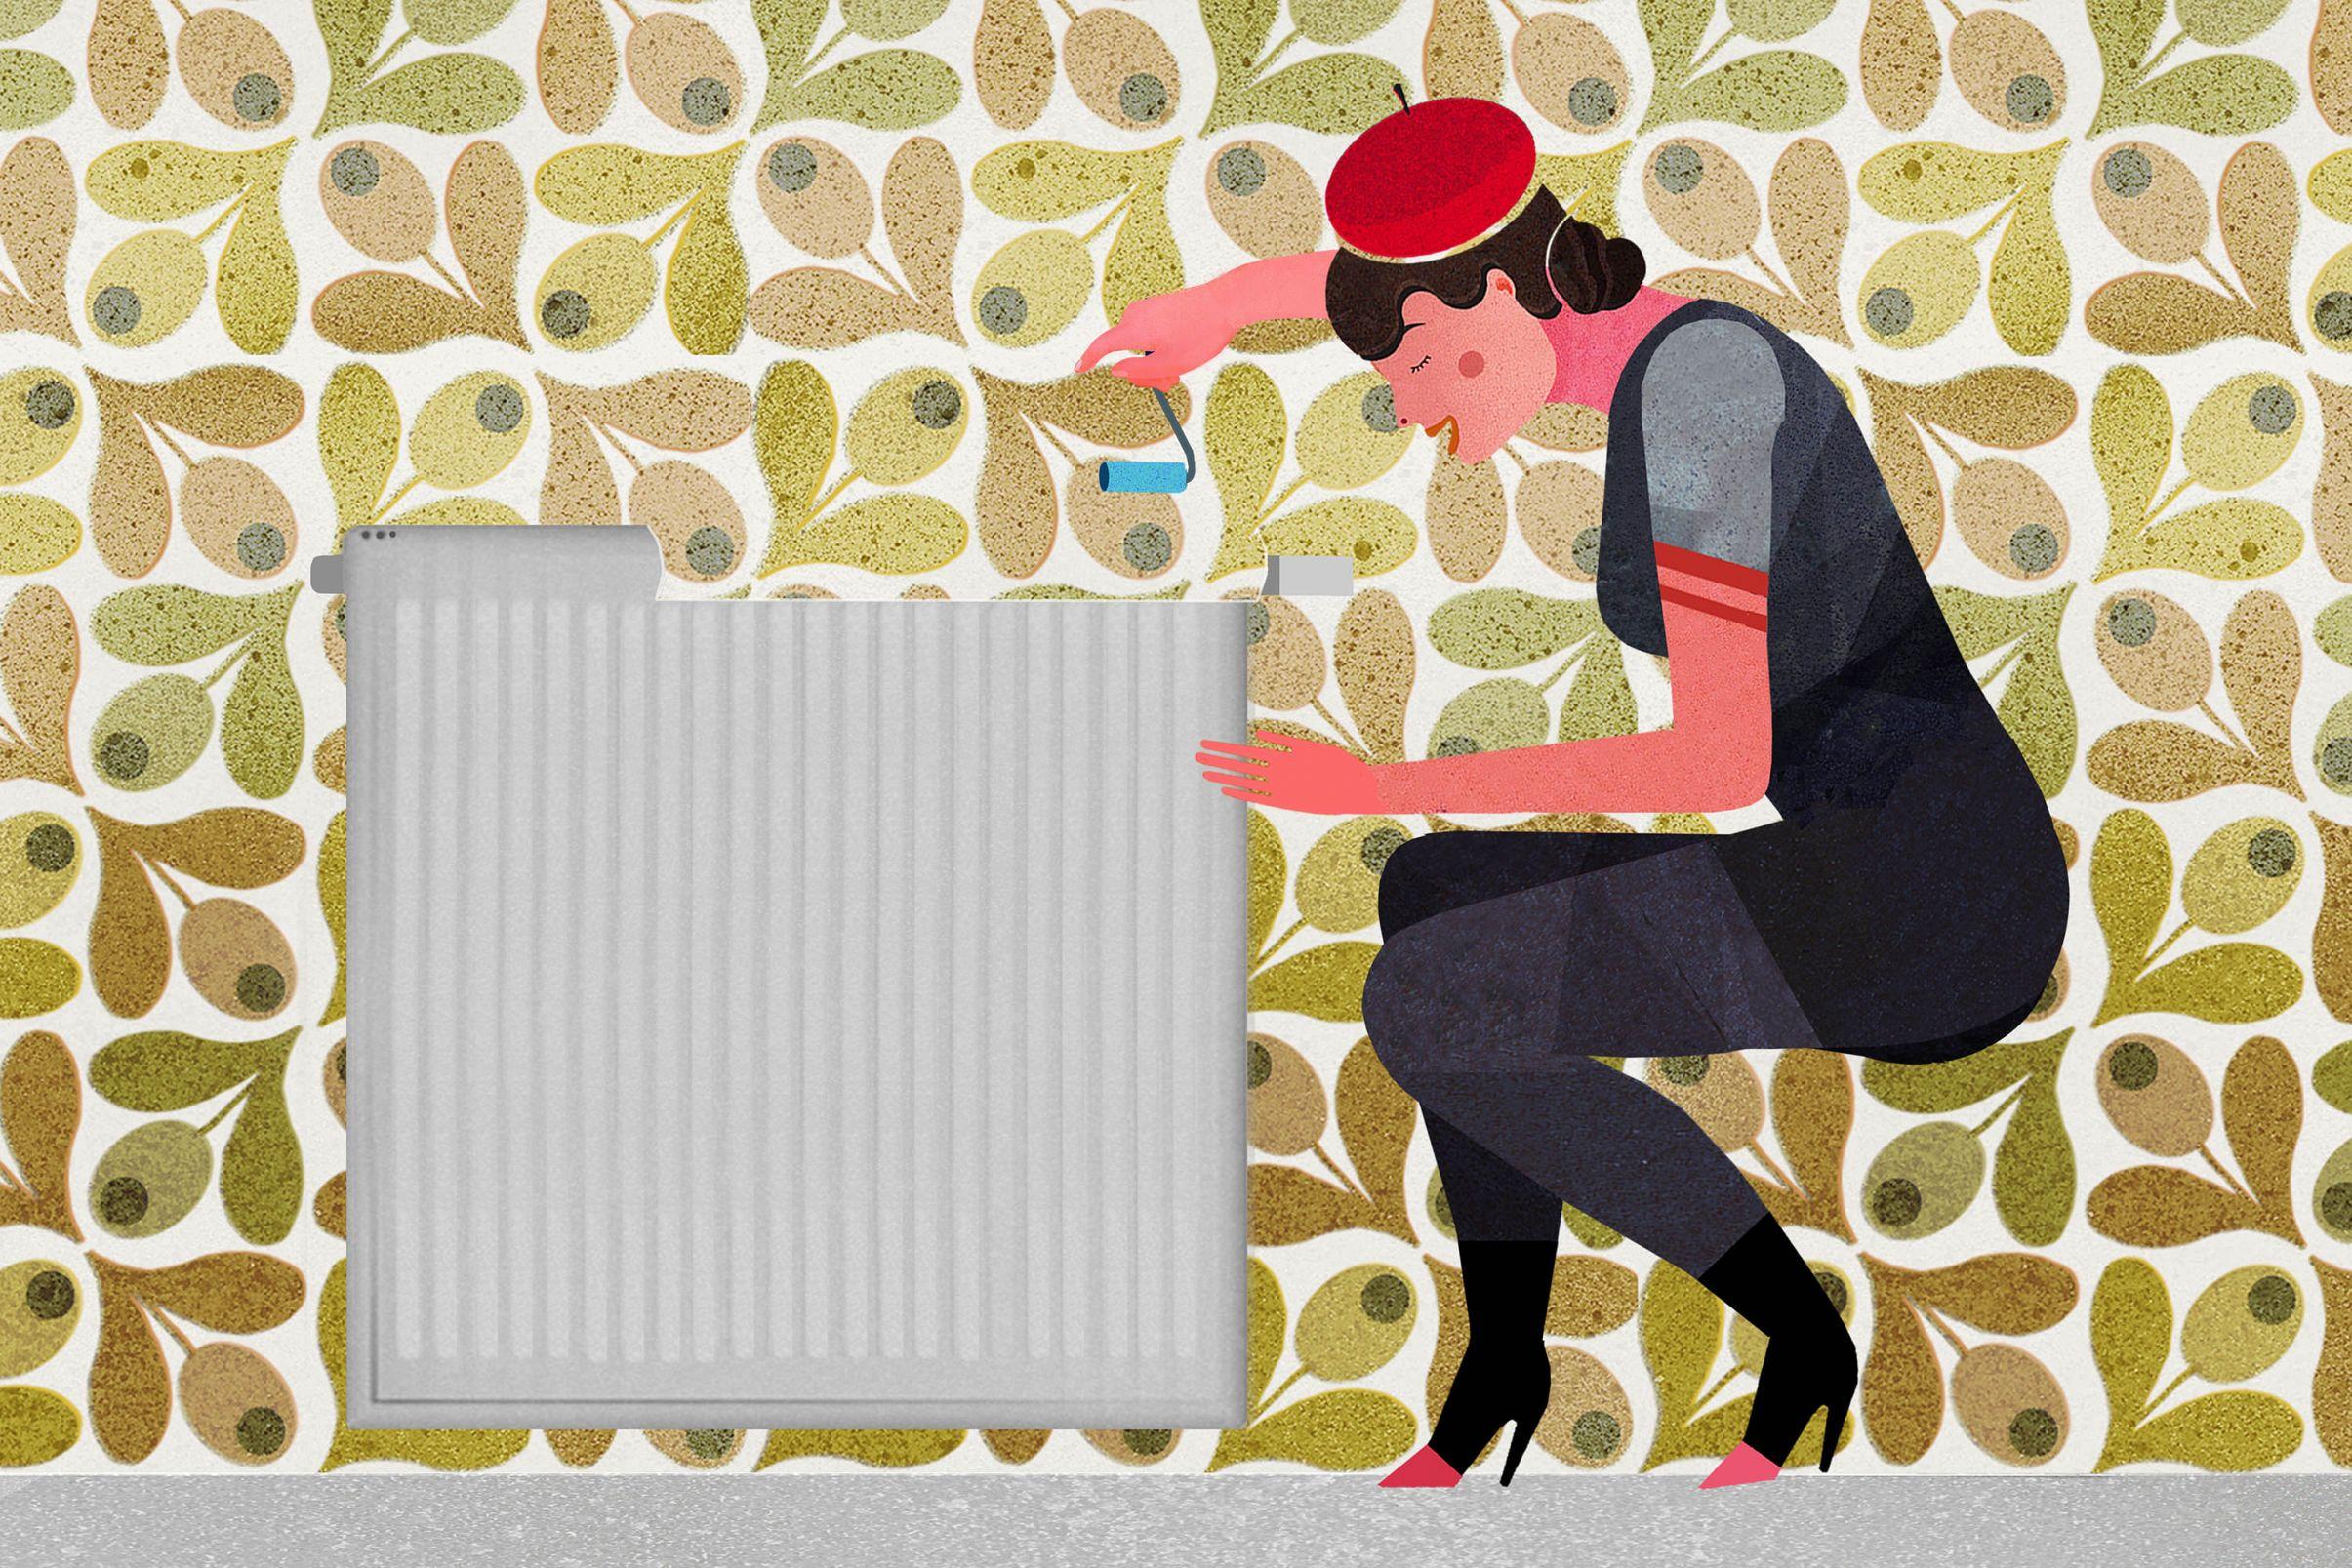 Come-tappezzare-dietro-ai-caloriferi-Tappezzare-verso-i-bordi-del-radiatore